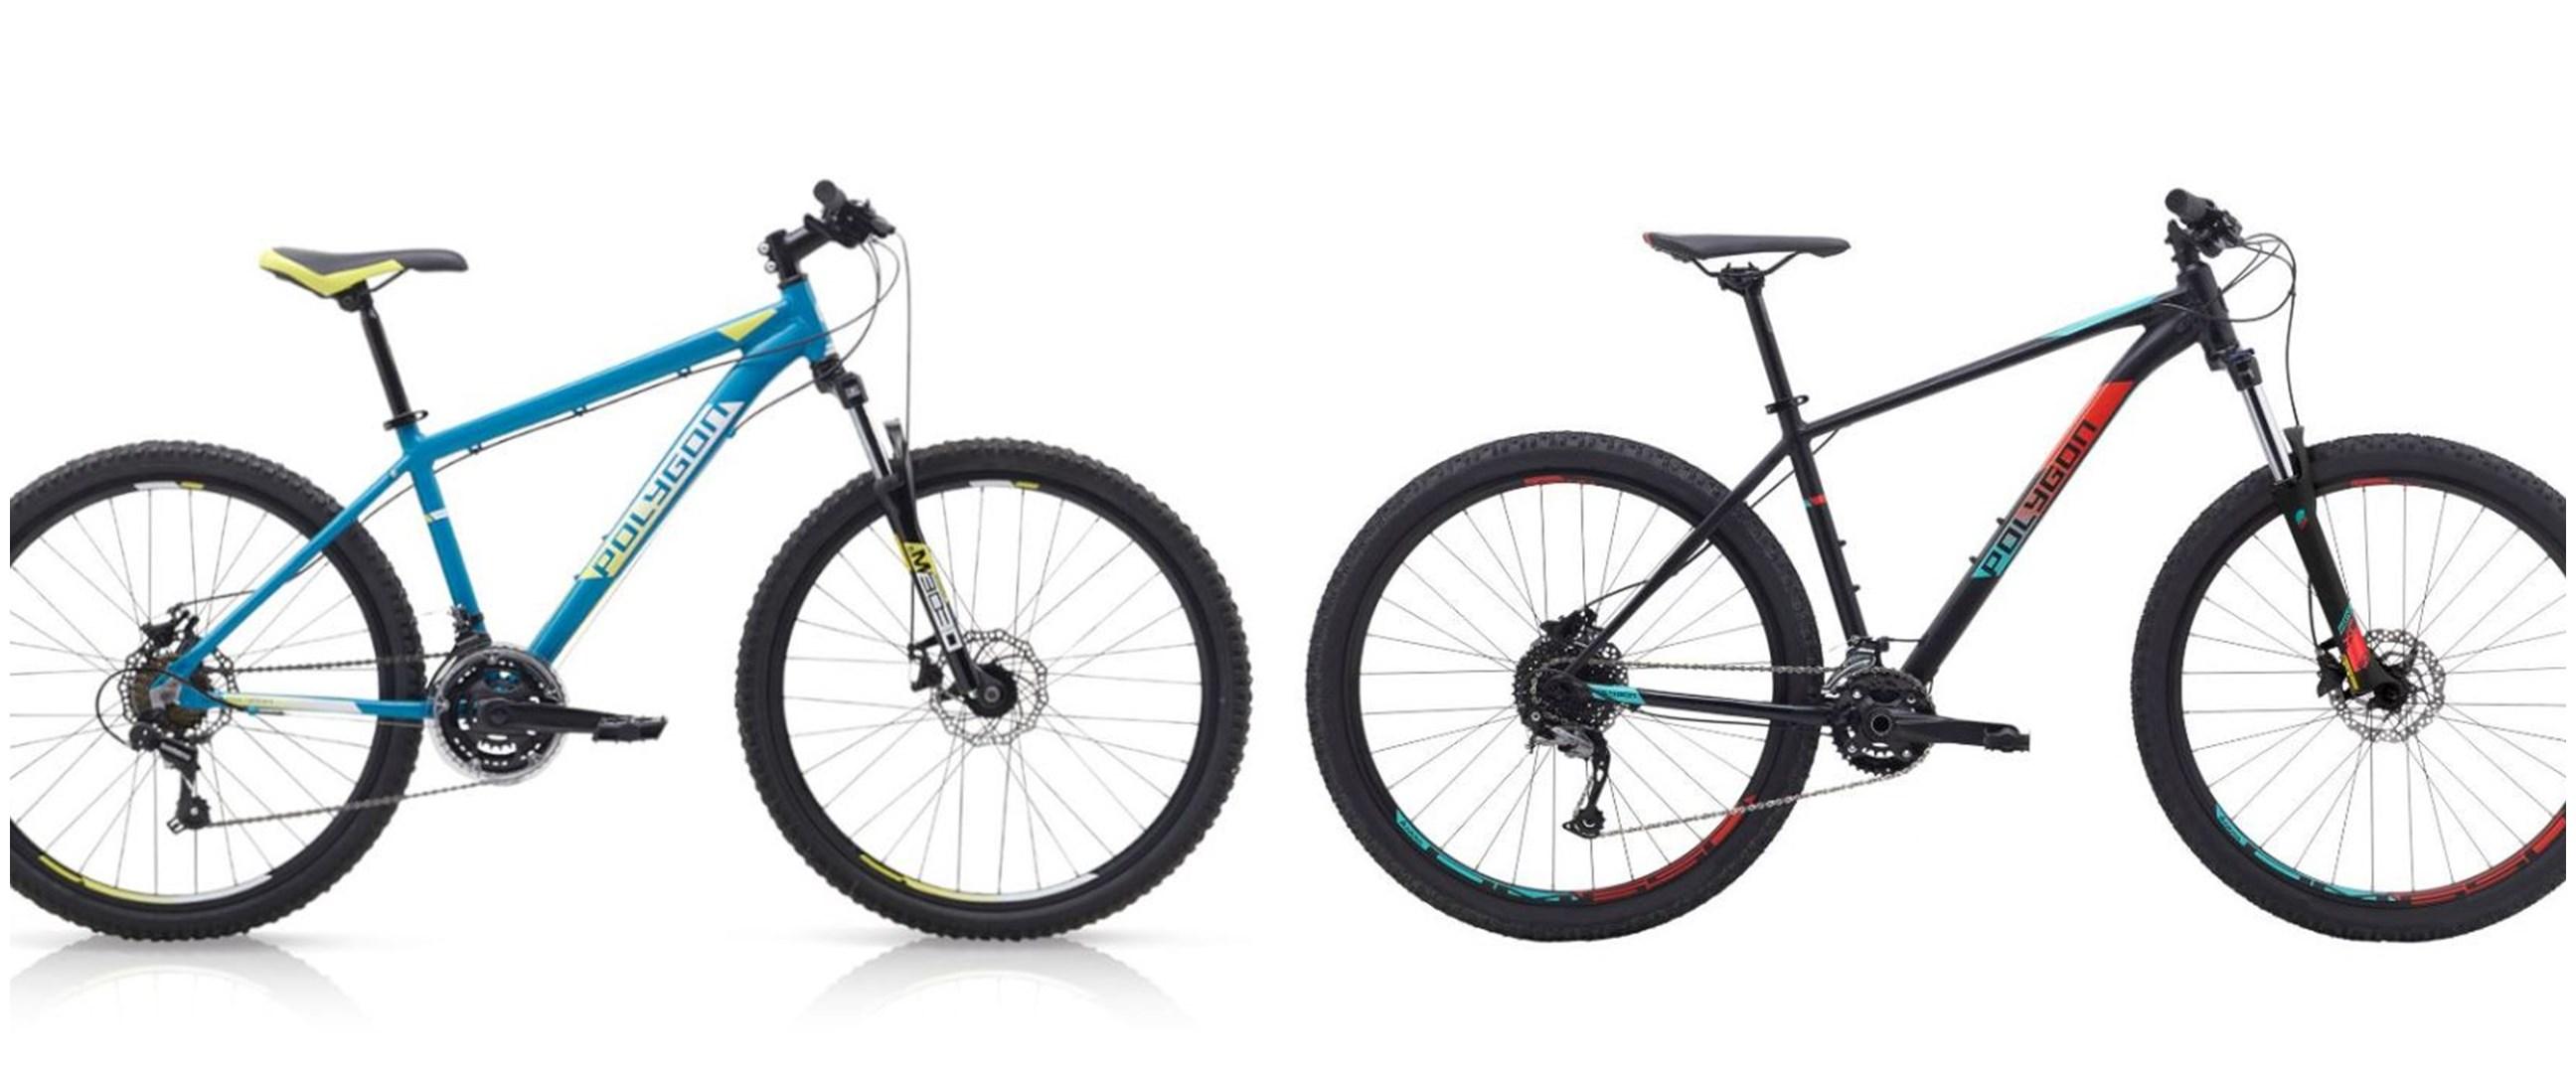 Harga sepeda Polygon MTB bekas dan spesifikasinya, murah & berkualitas